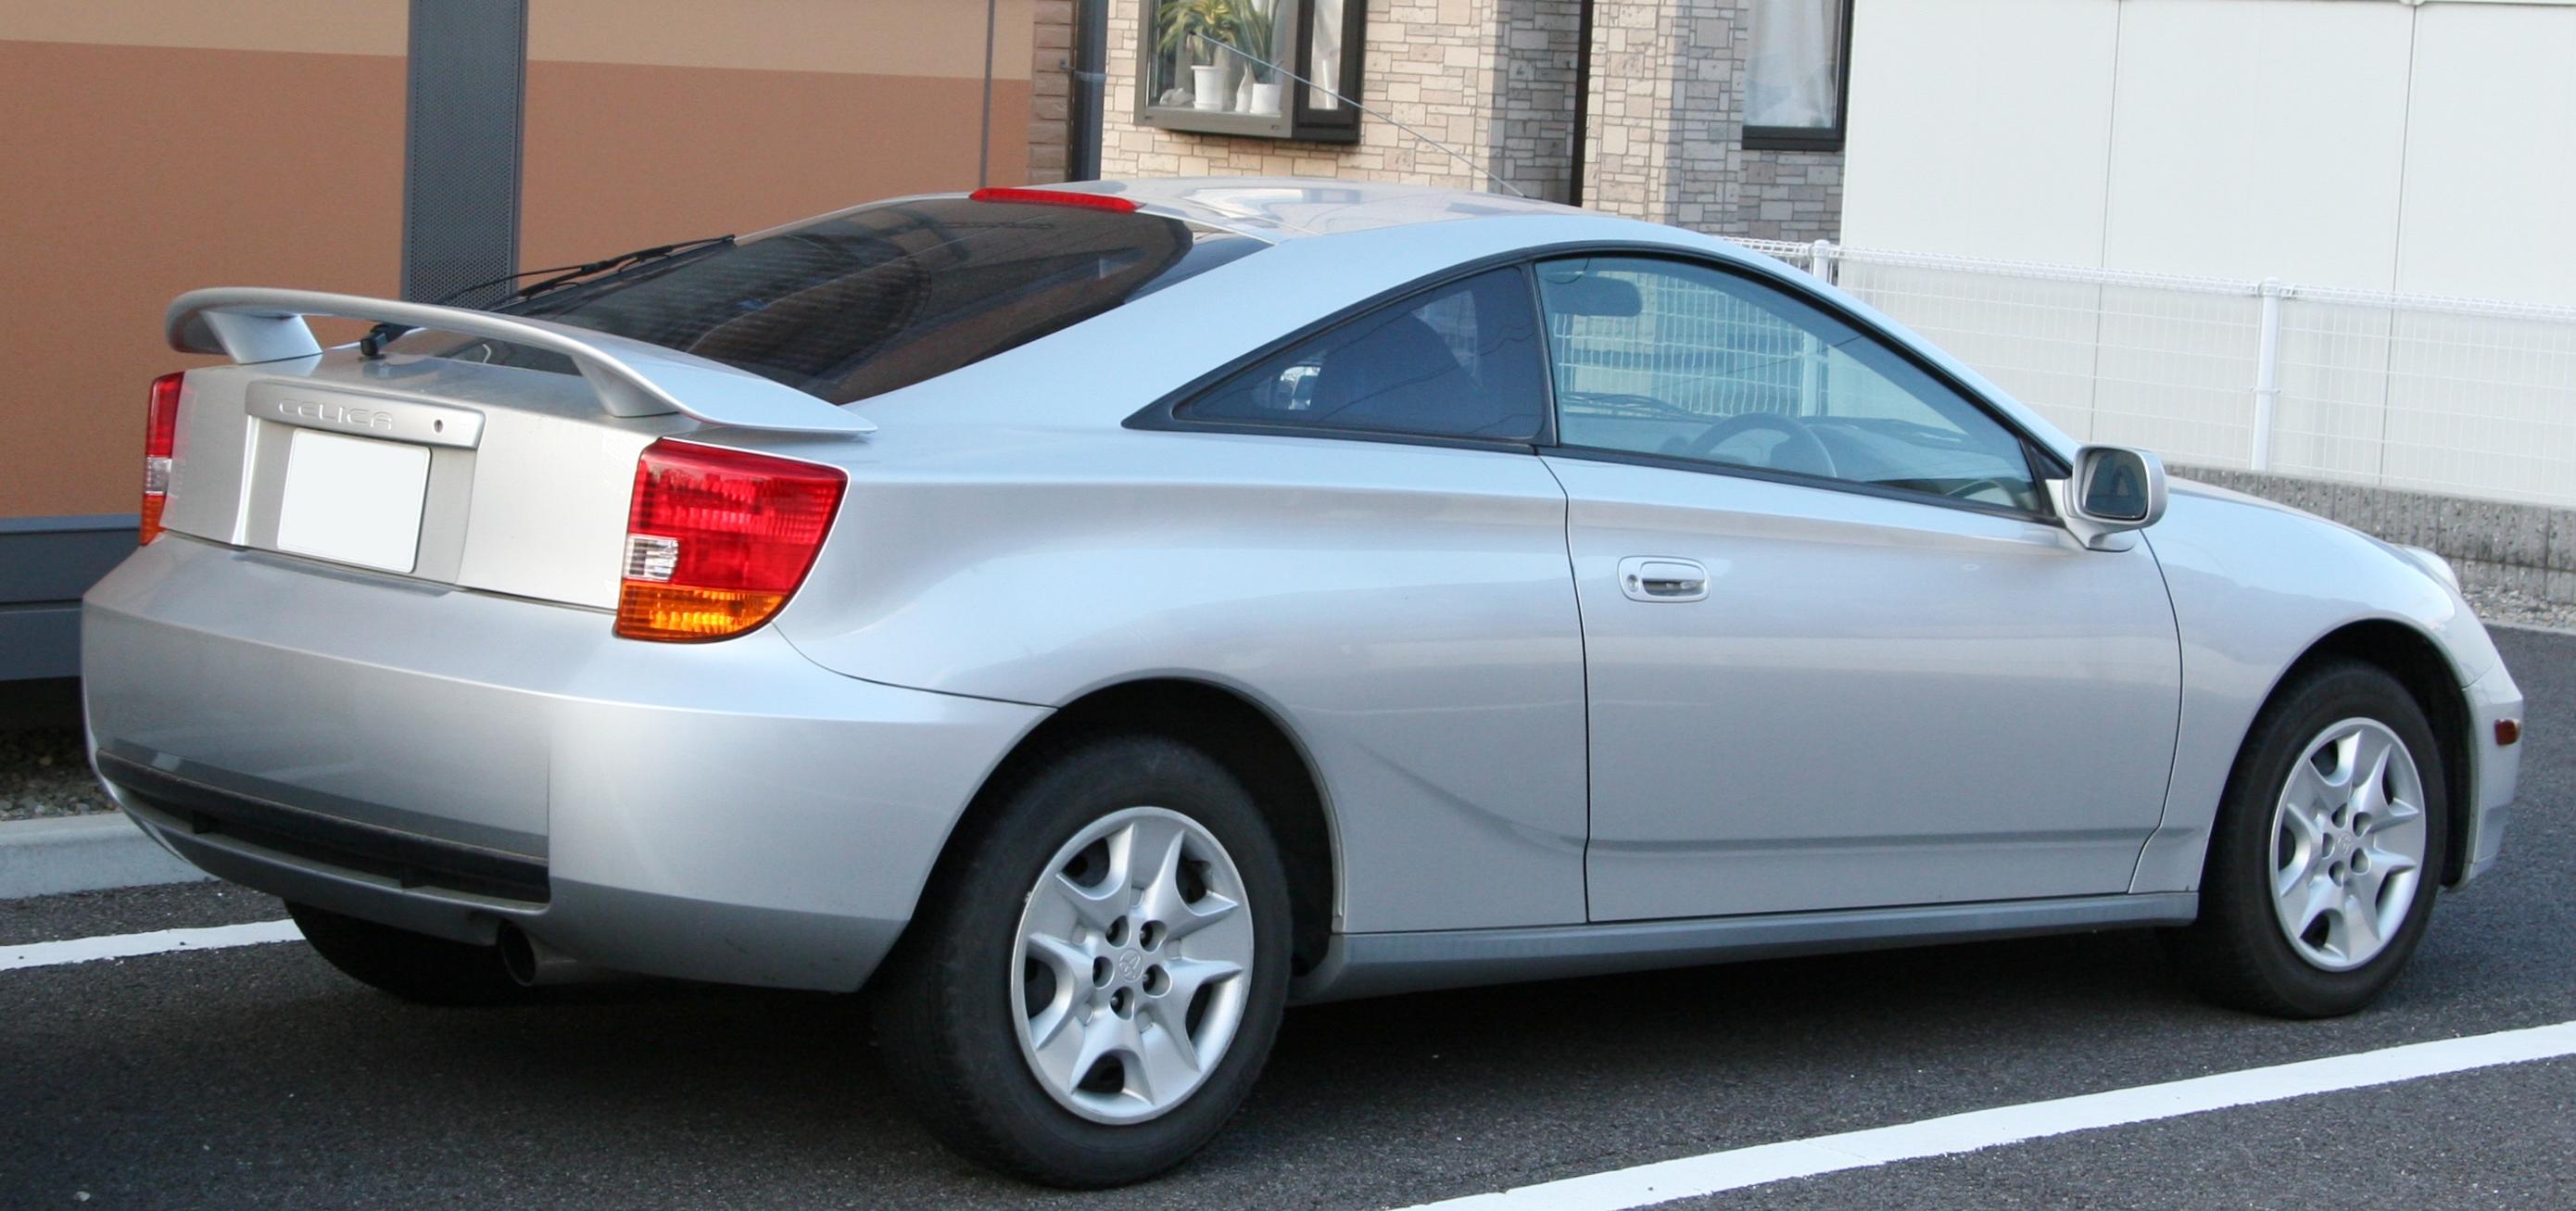 Toyota Celica SS I